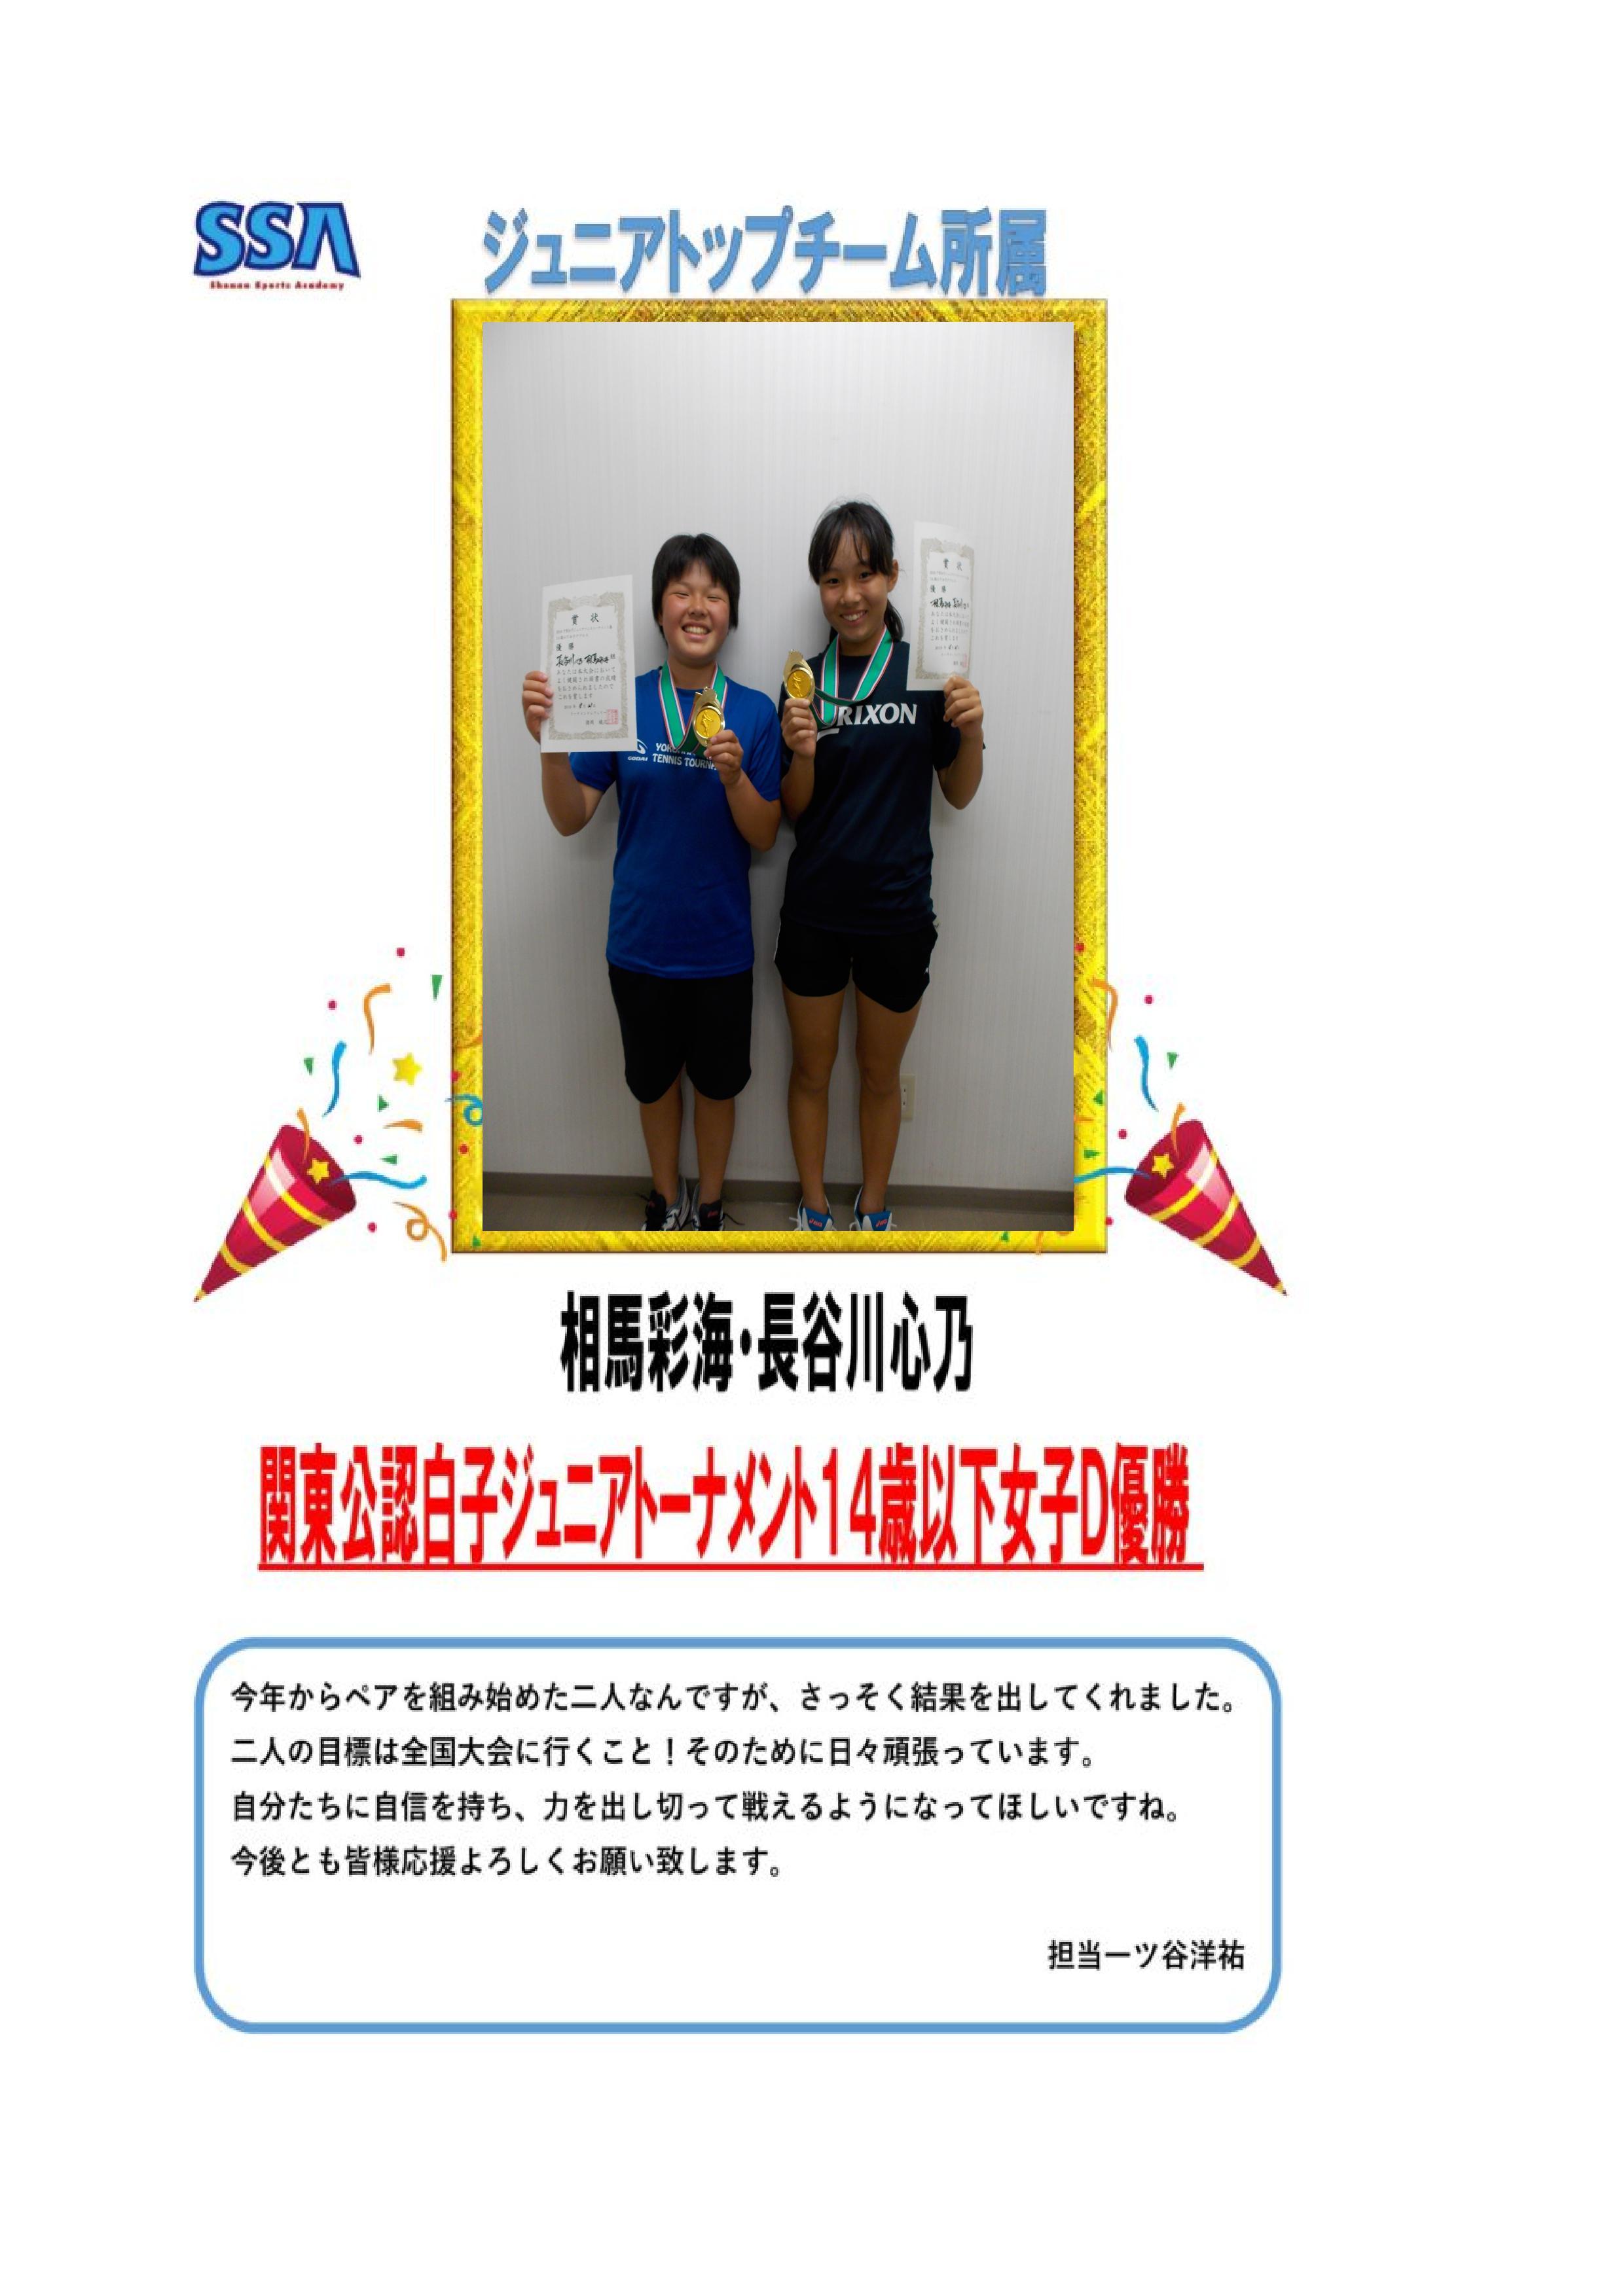 Book1-001 SSAジュニアトップチーム 関東公認白子トーナメント14歳以下女子D優勝!